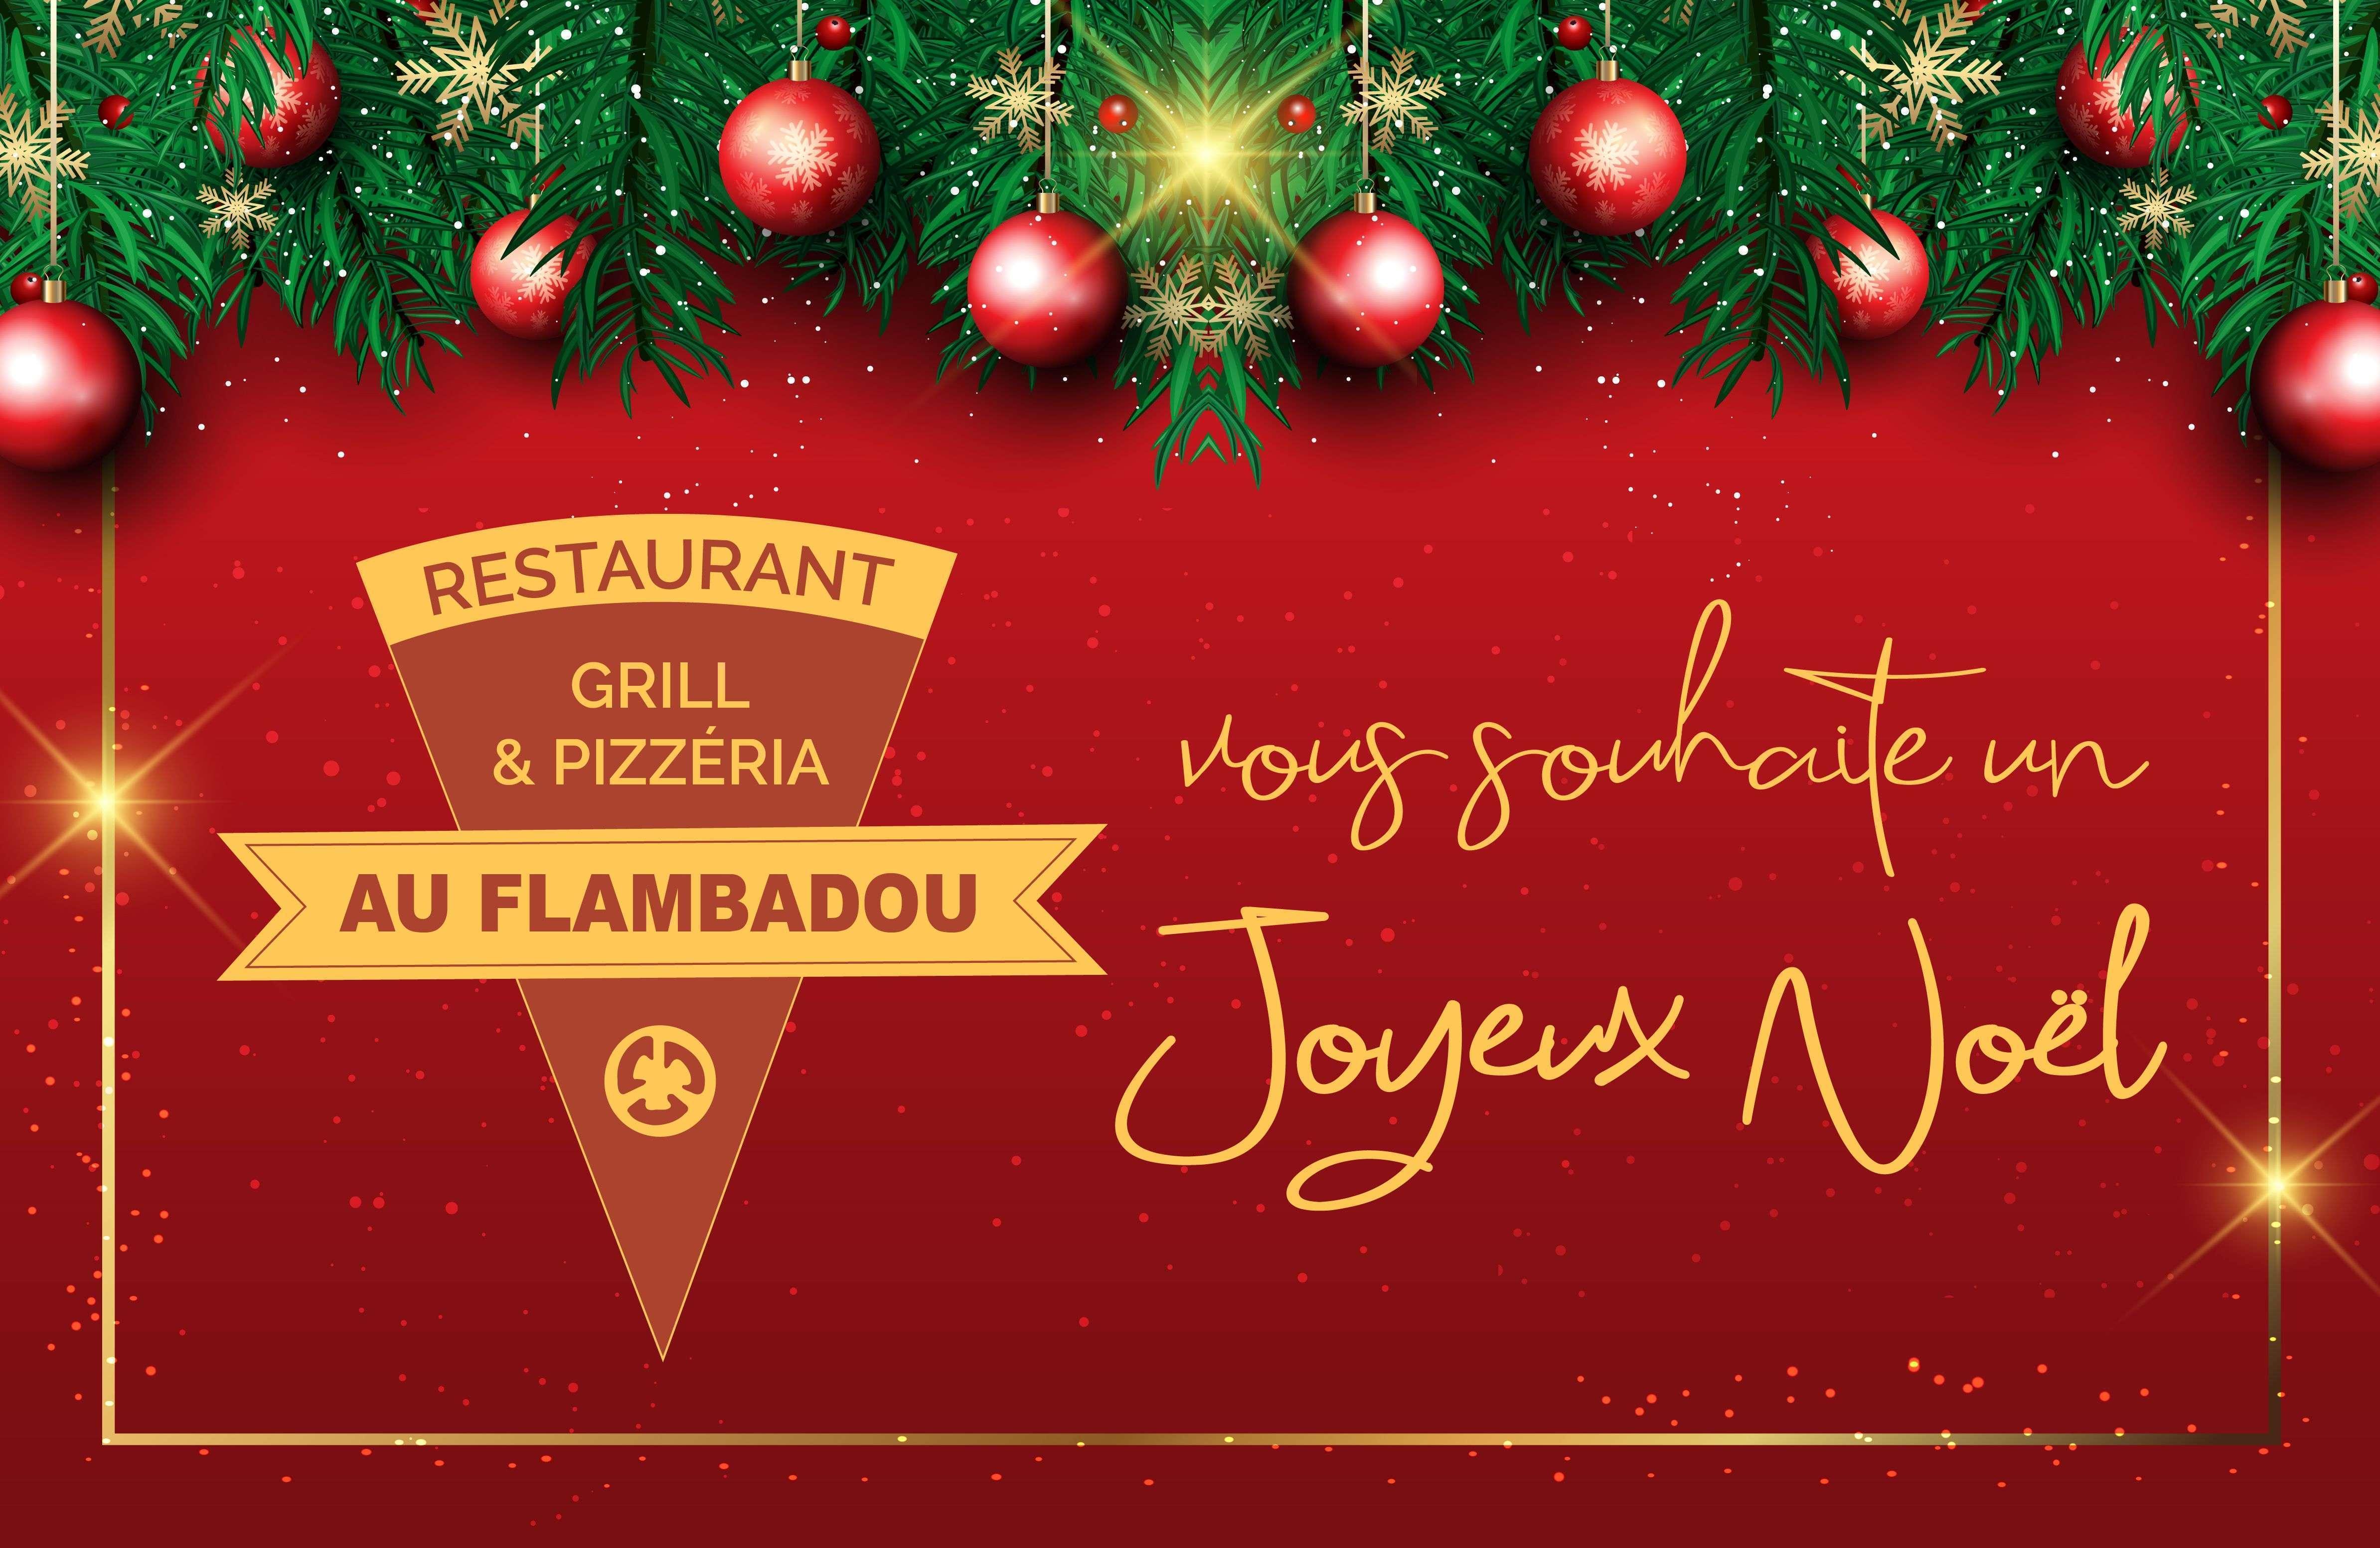 Au Flambadou vous souhaite un joyeux Noël !